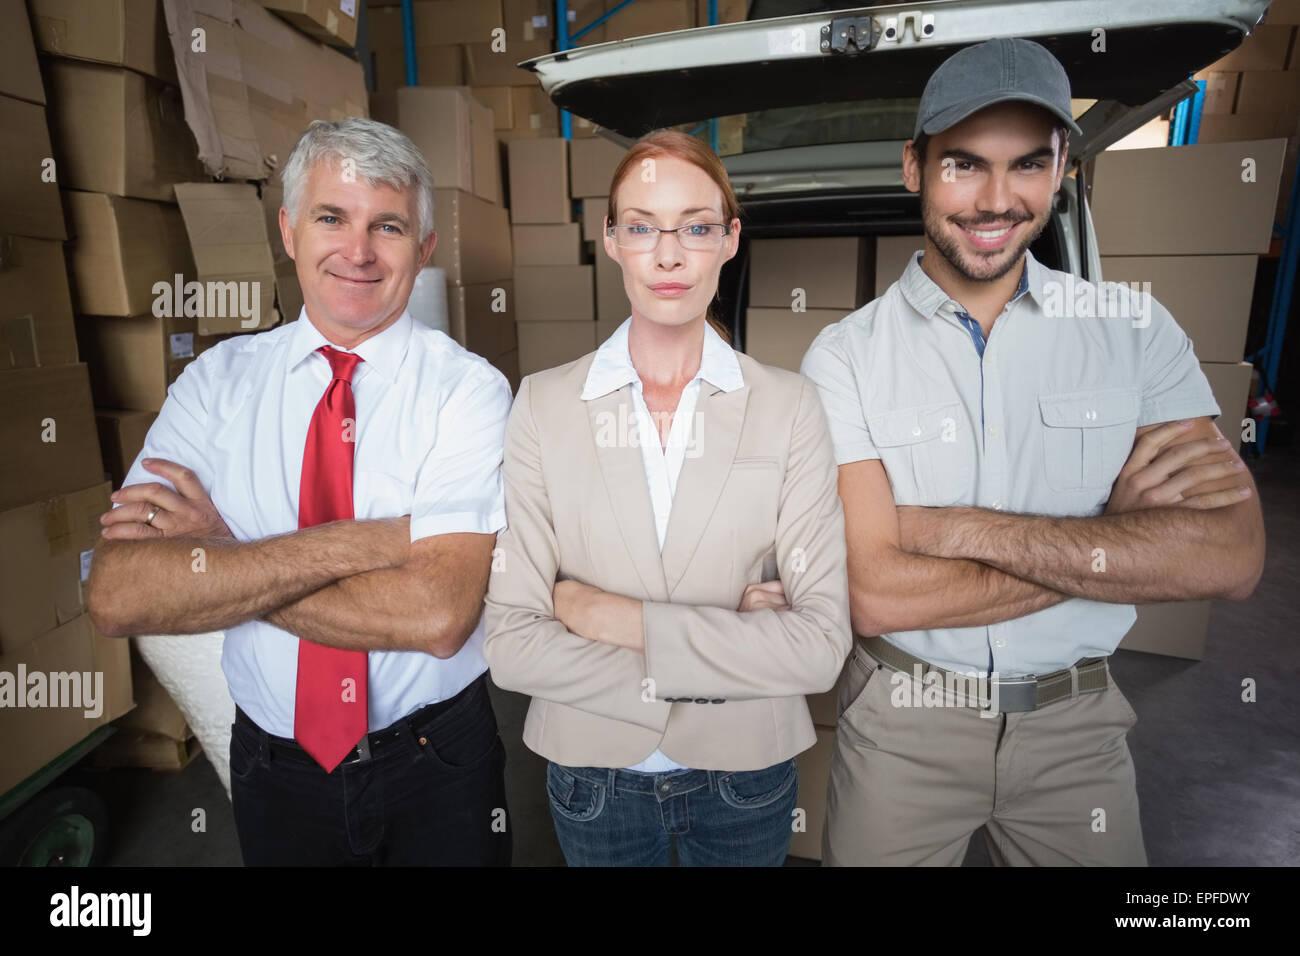 Les gestionnaires d'entrepôt et de livraison chauffeur smiling at camera Photo Stock